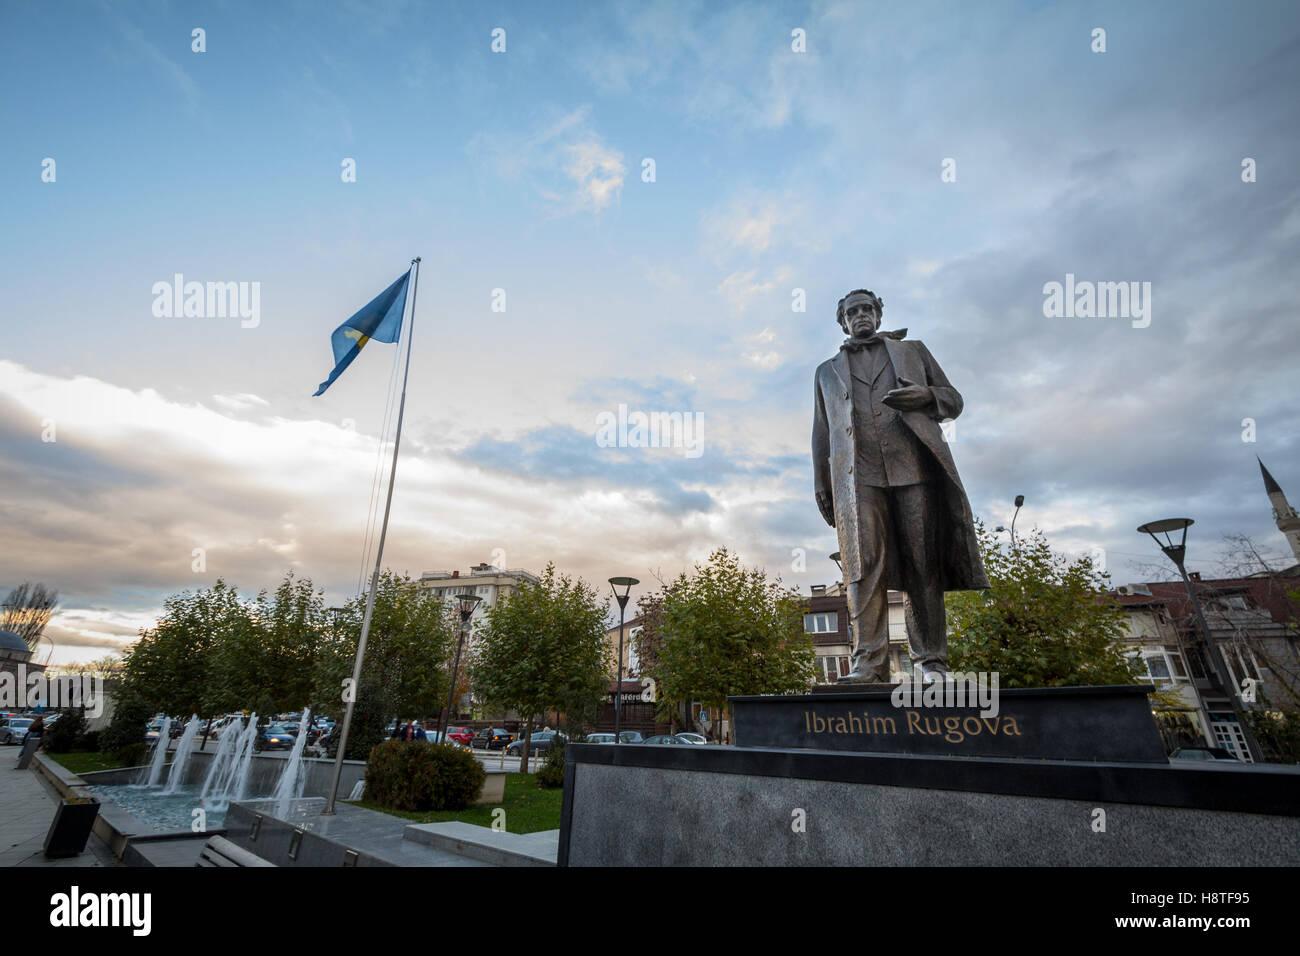 Statue, Ibrahim Rugova, erster Präsident der Republik Kosovo in Pristina, Hauptstadt des Landes gewidmet Stockbild